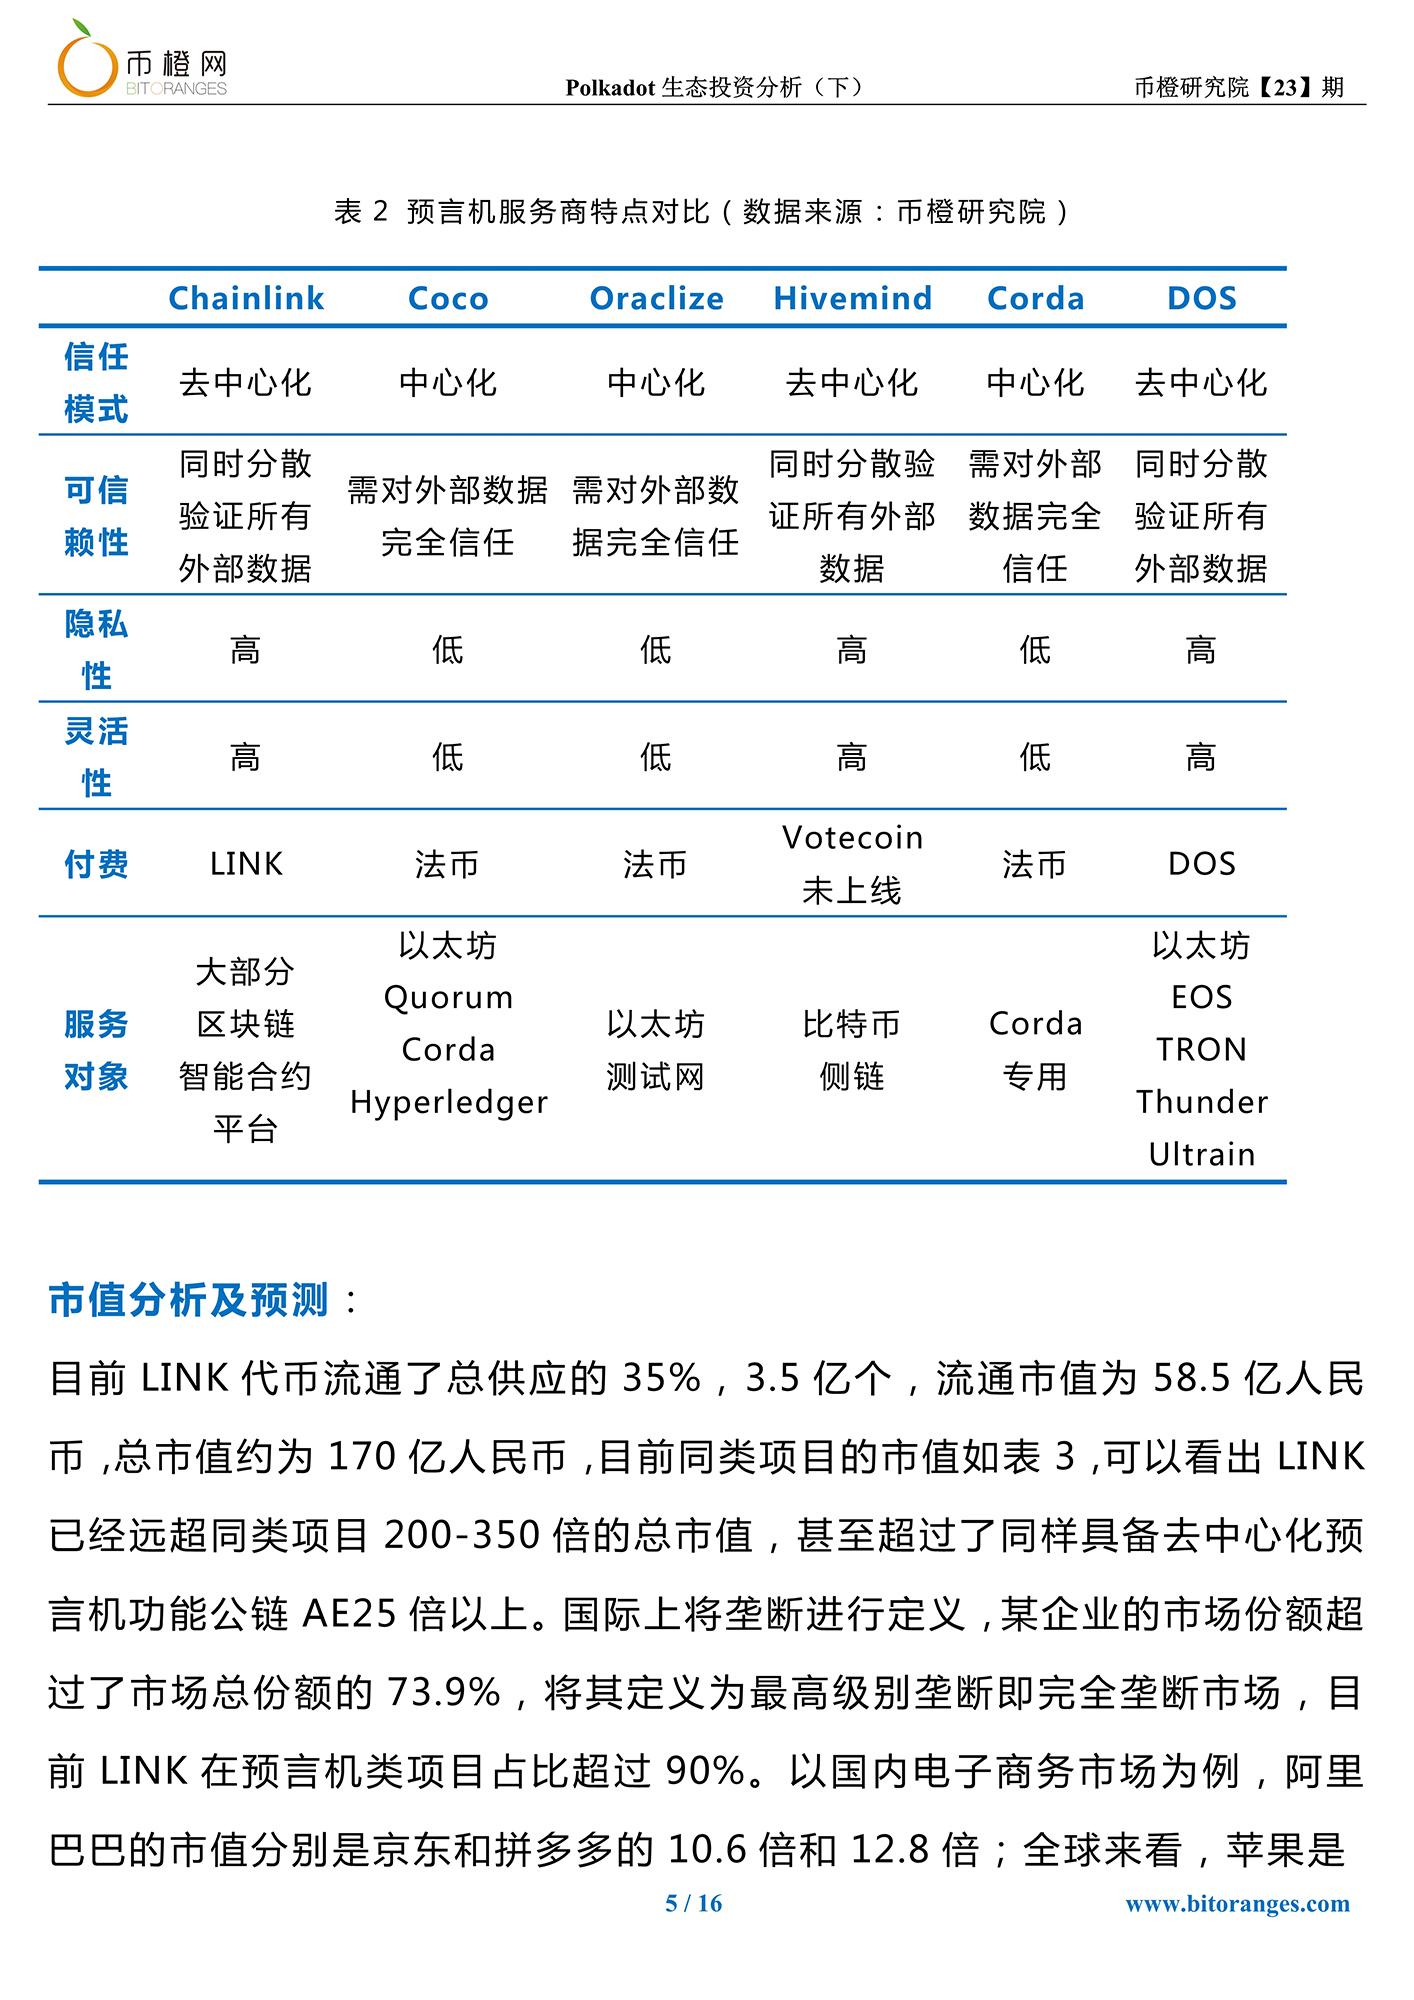 币橙研报:如何把握Polkadot生态投资机会(下)